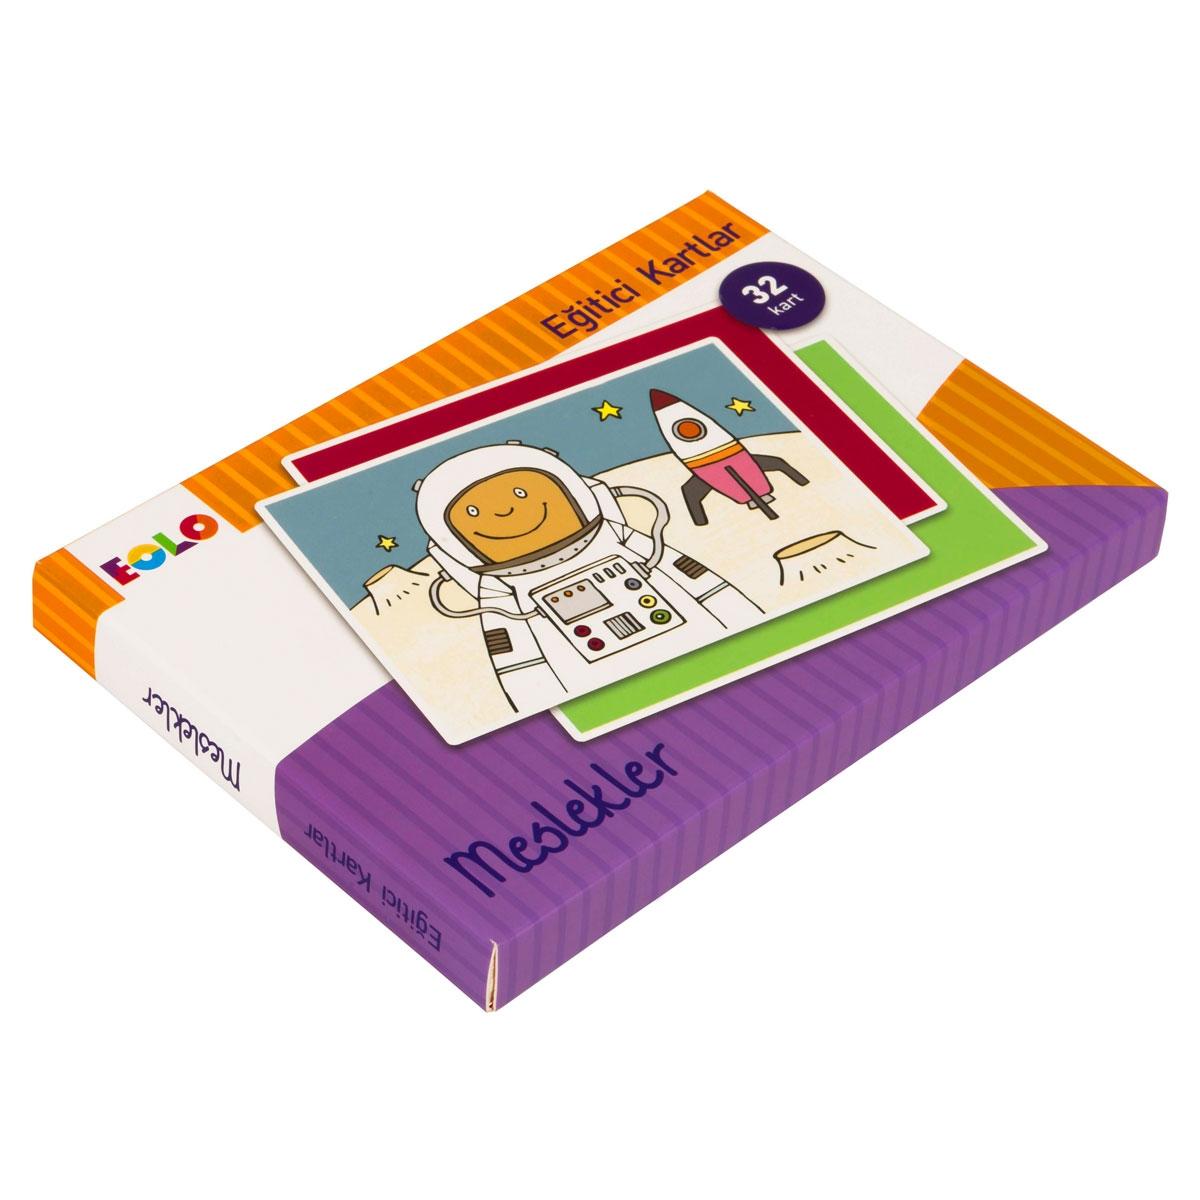 Eğitici Kartlar - Meslekler